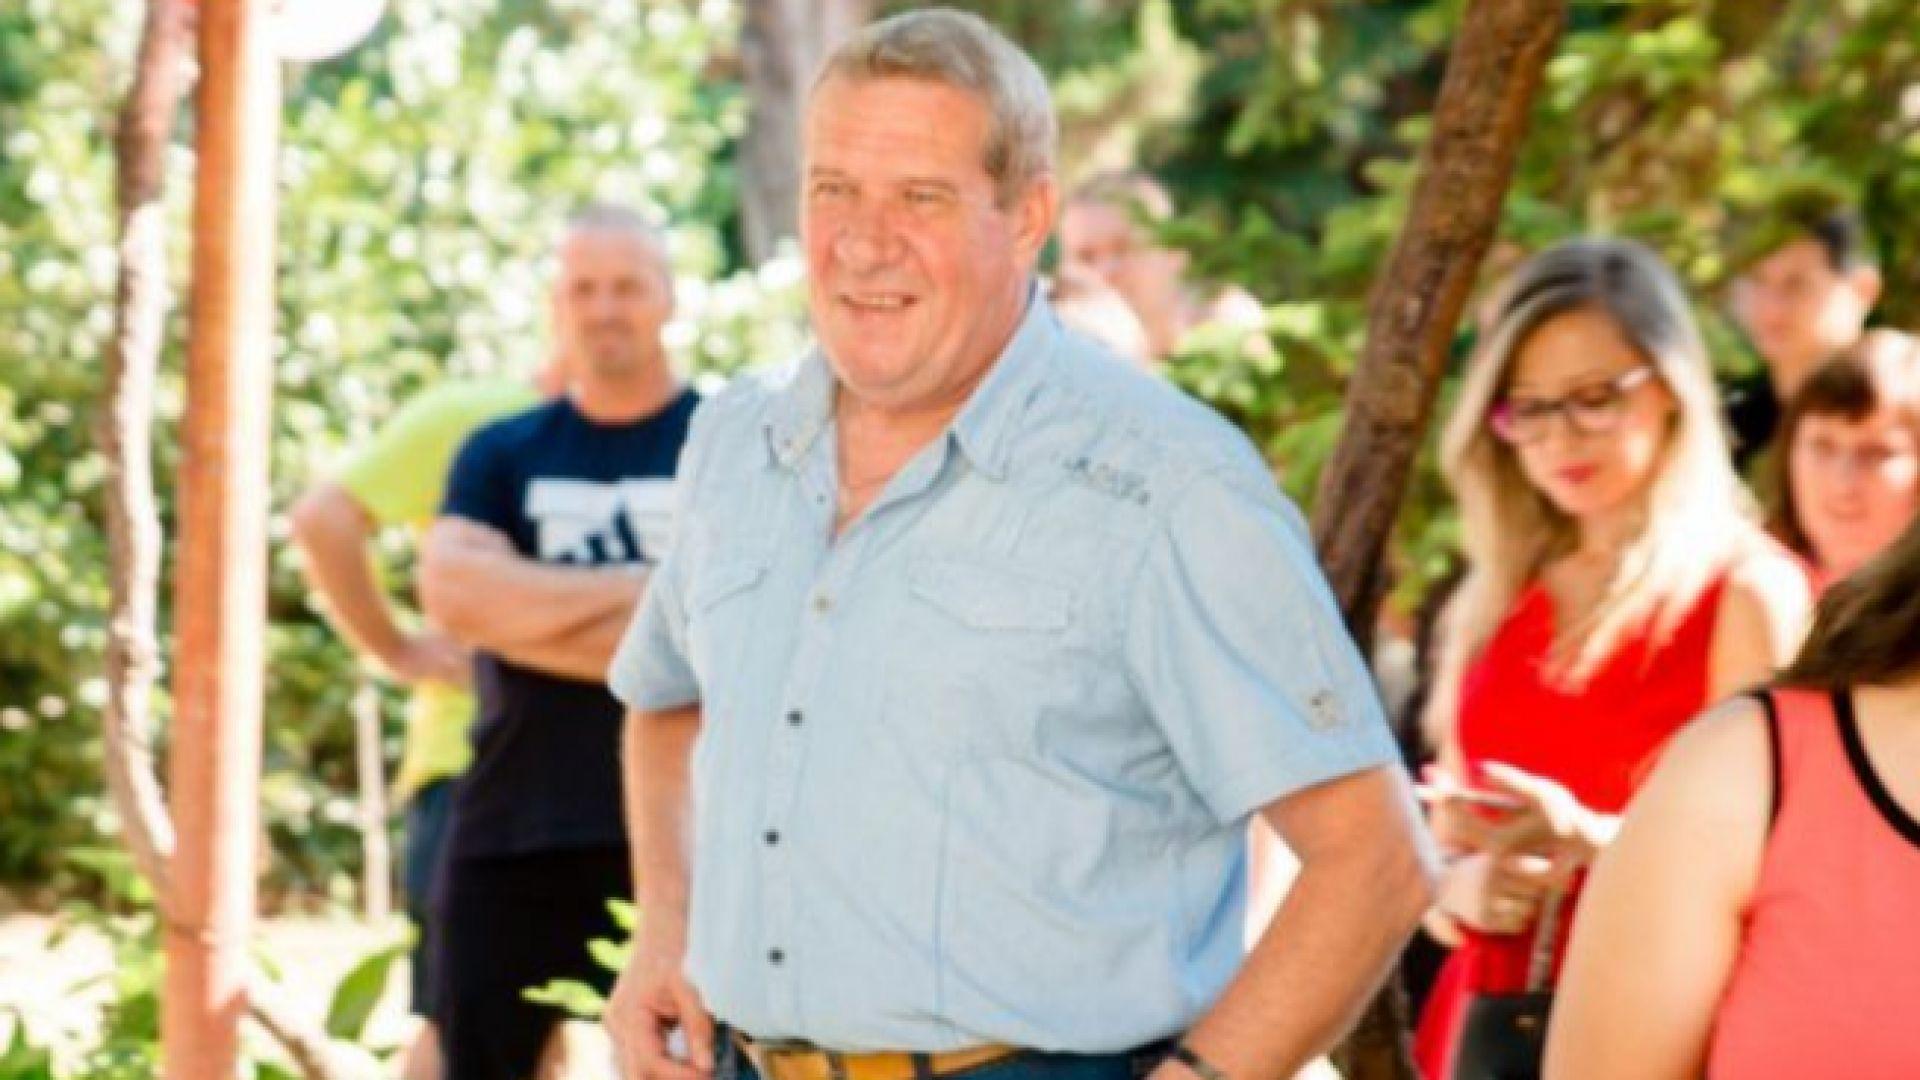 ГЕРБ издига бившия шеф на пожарната в Пазарджик за кмет